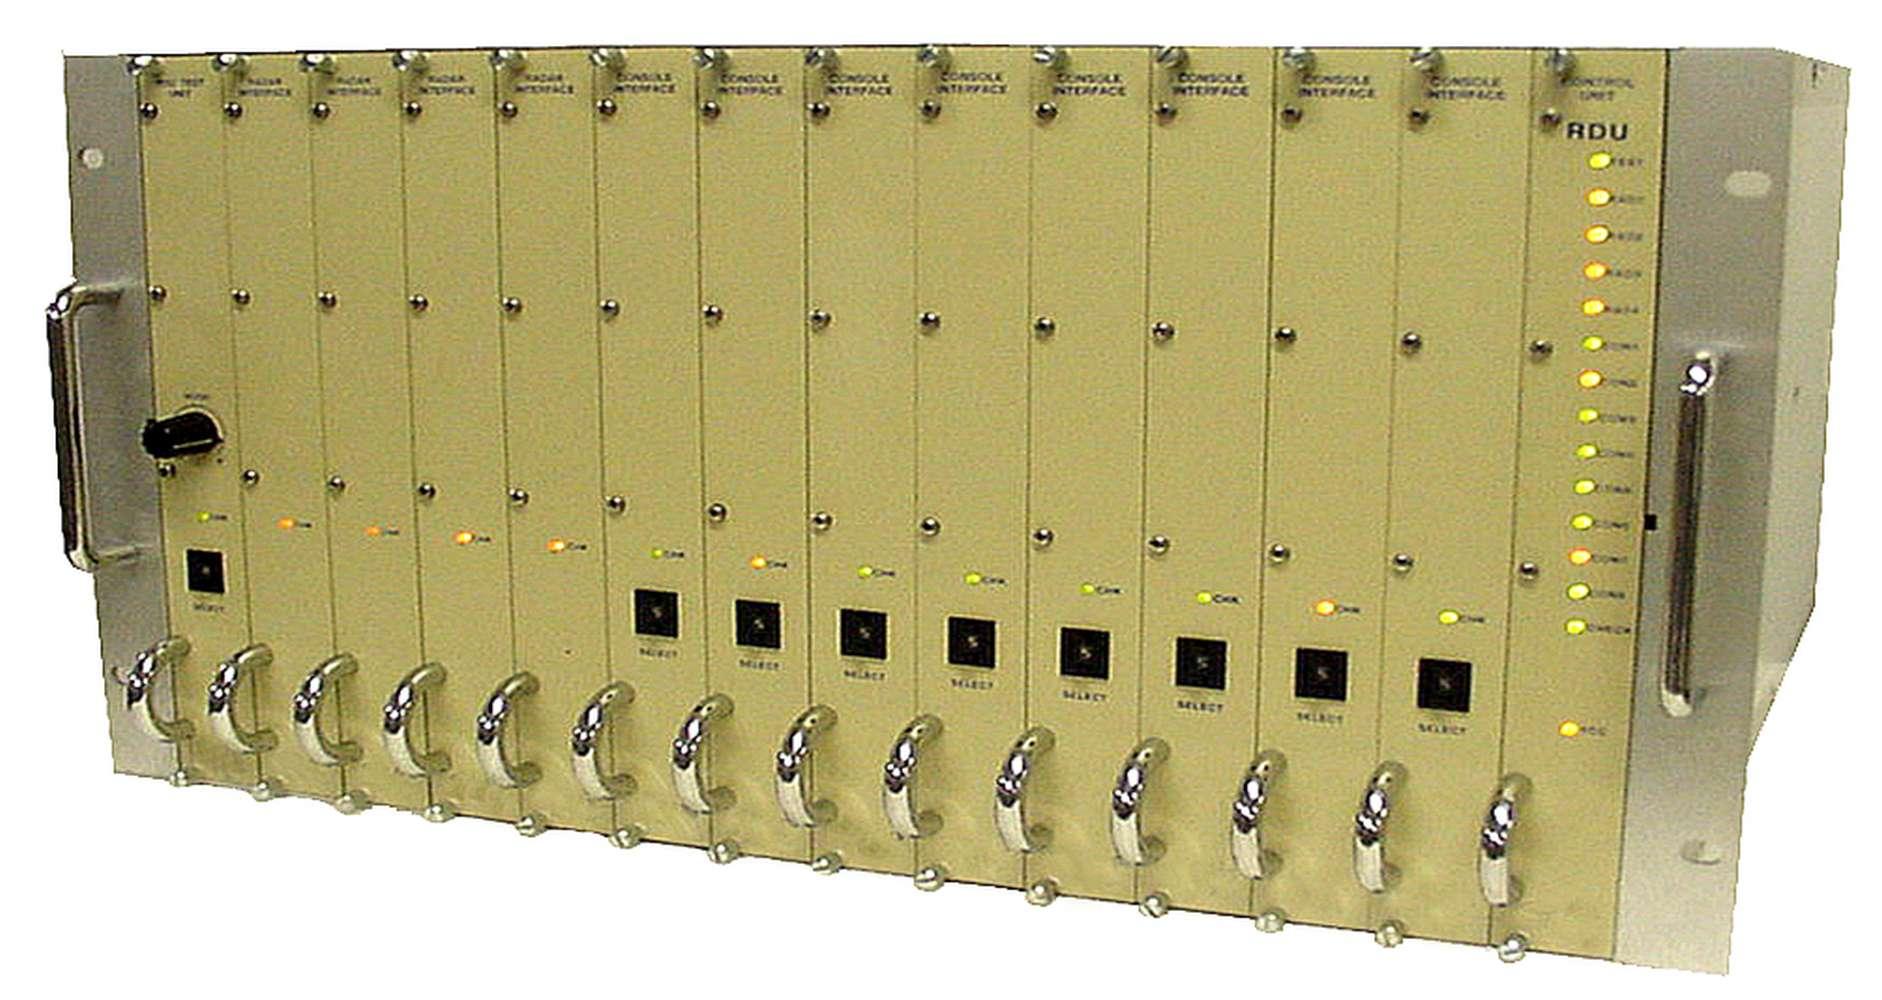 Defence RADAR SystemsSistemi e moduli per applicazioni RADAR militari